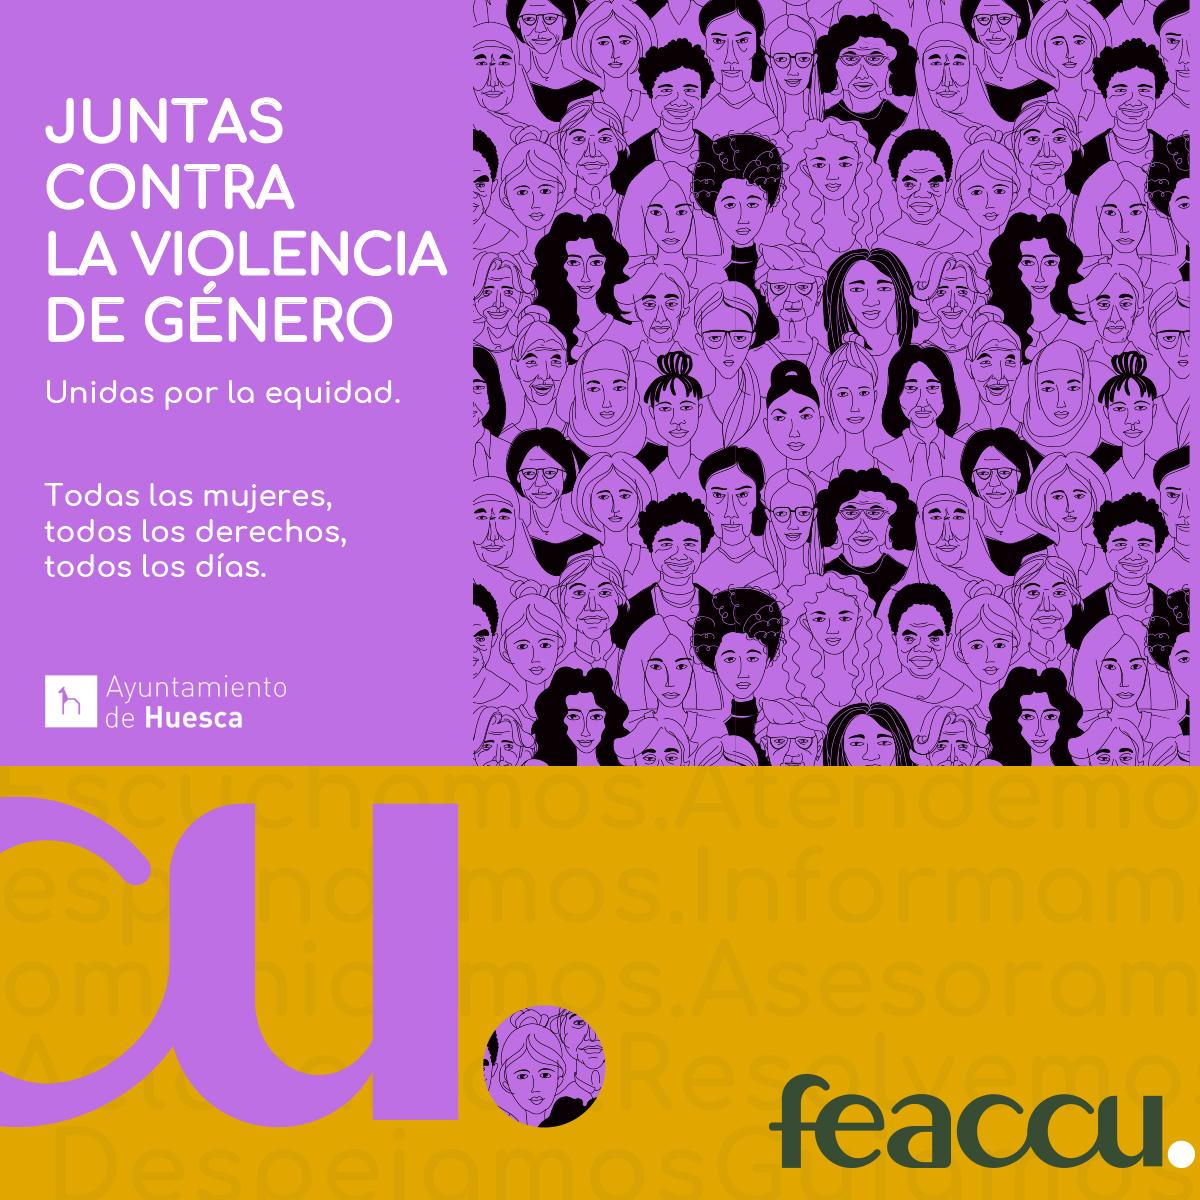 Nos sumamos al Día Internacional contra la Violencia de género